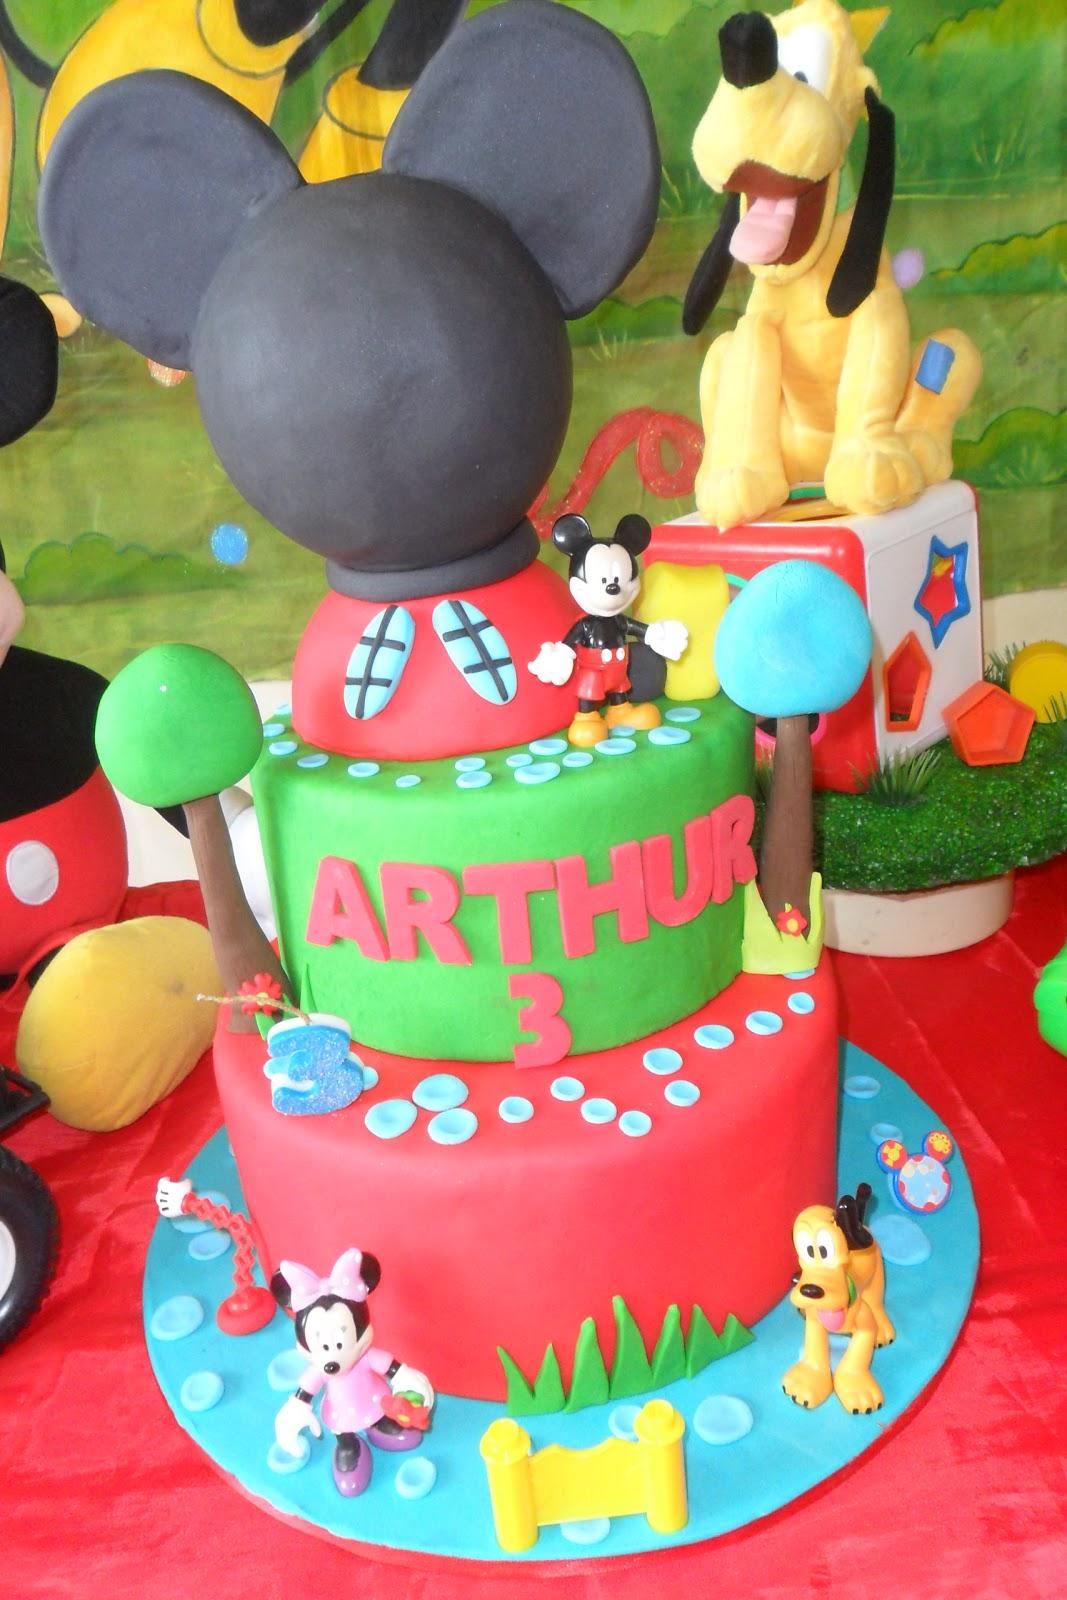 Postado Por Butterfly Cakes E Cupcakes   S 15 23